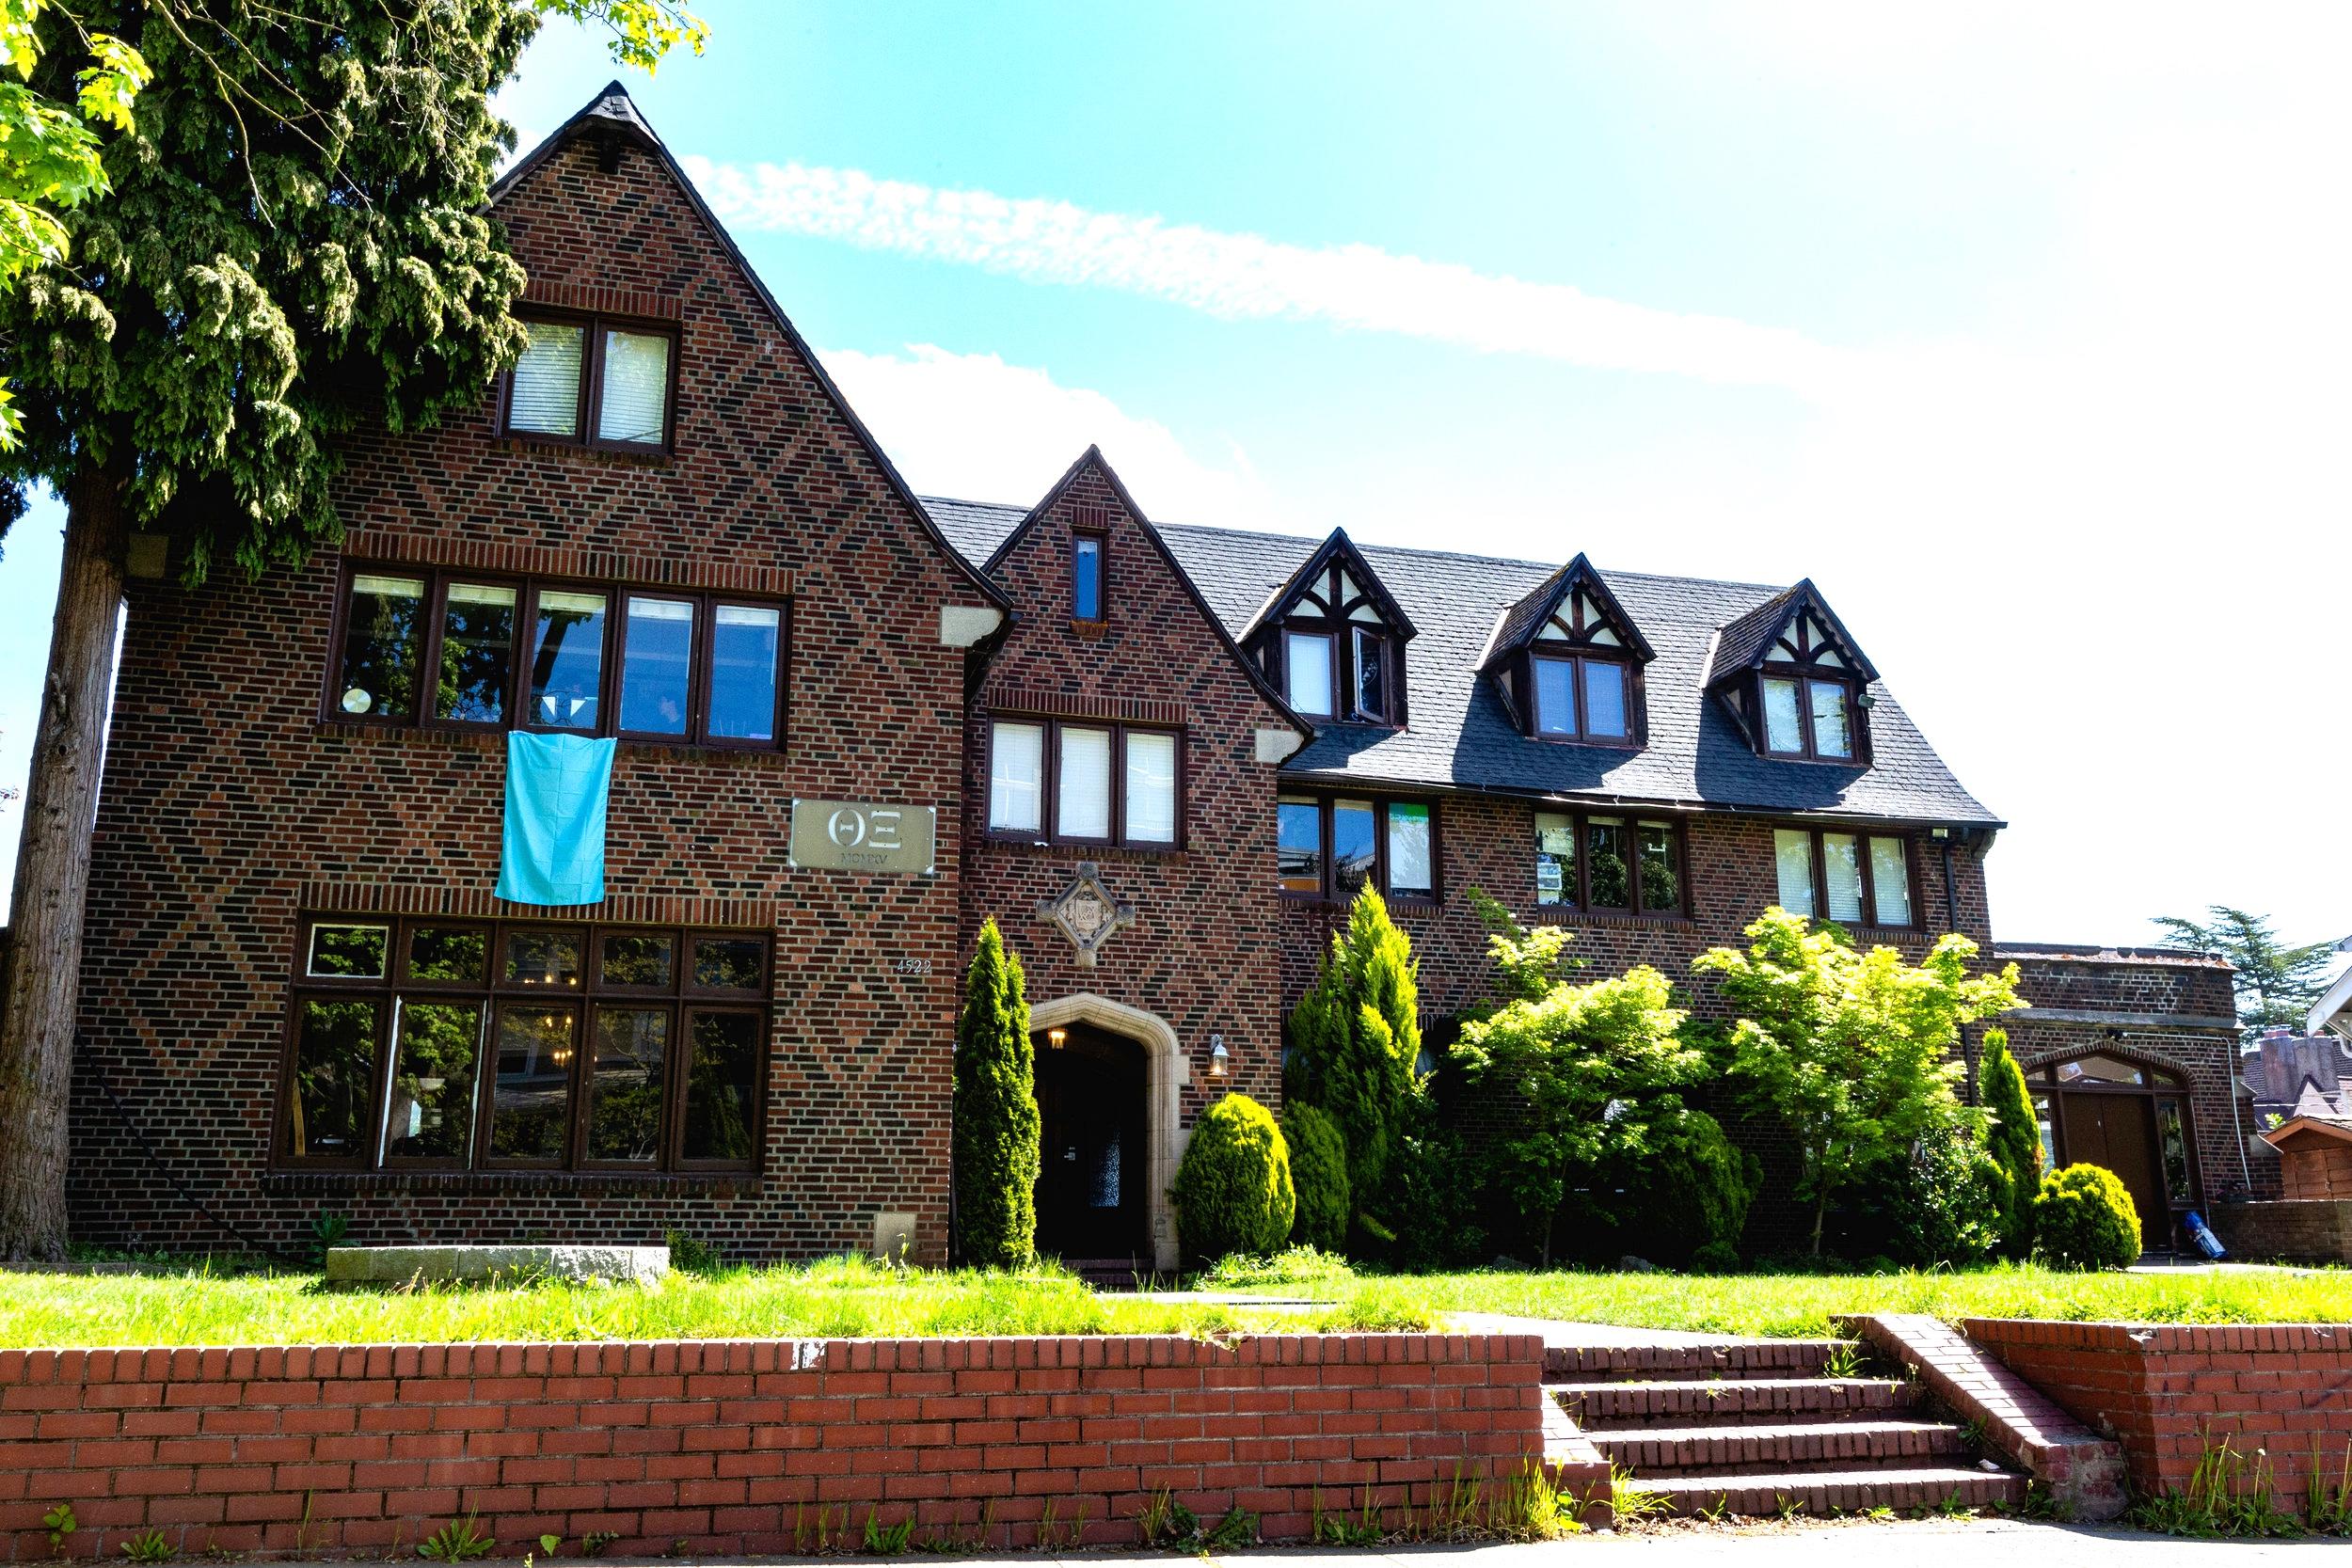 Theta xi house 1.jpg